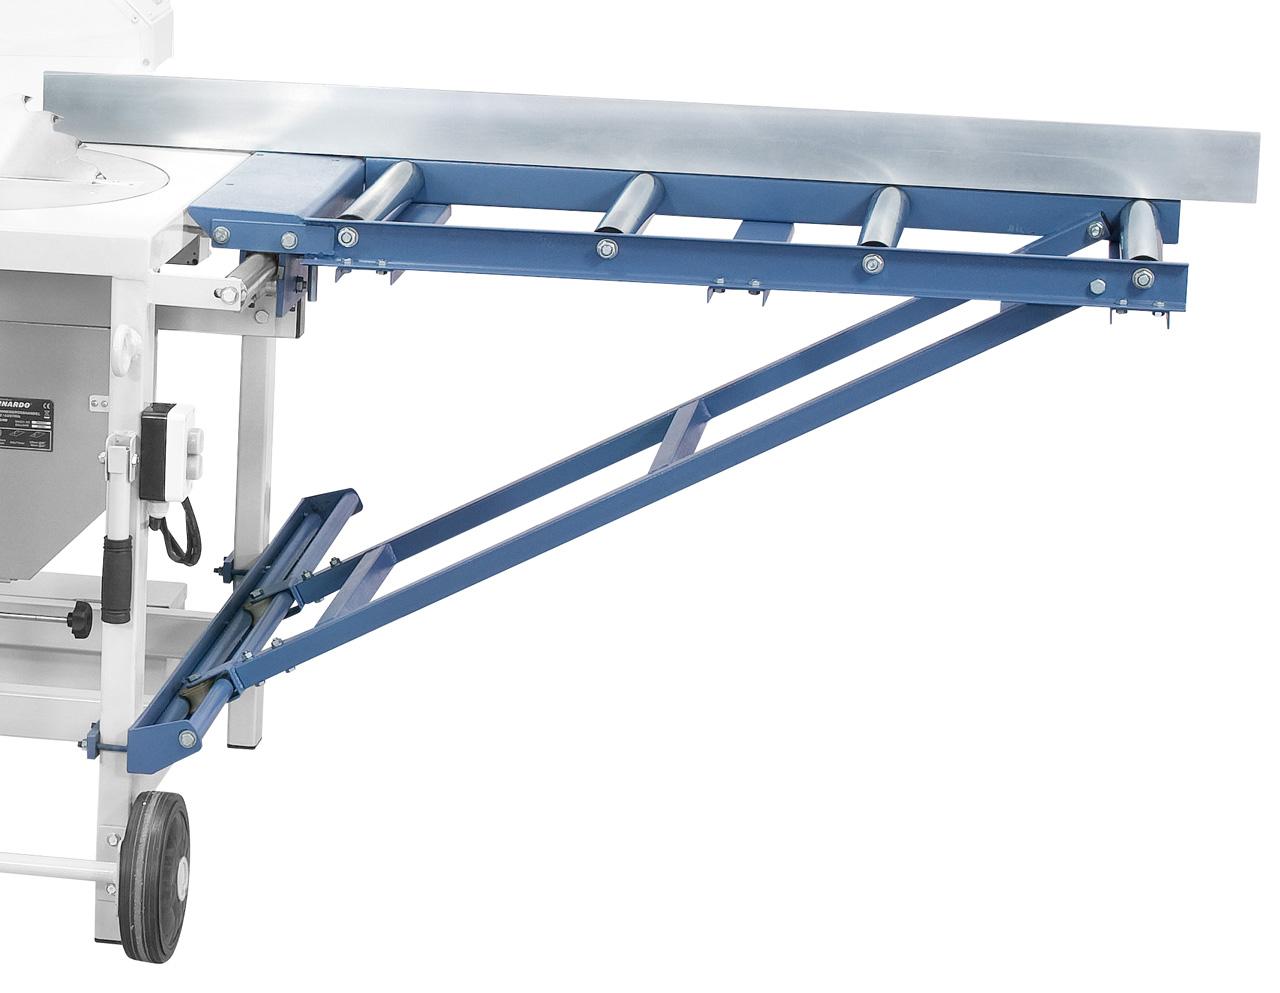 Podajnik rolkowy odbierający 1000 mm do UZT 400 BERNARDO